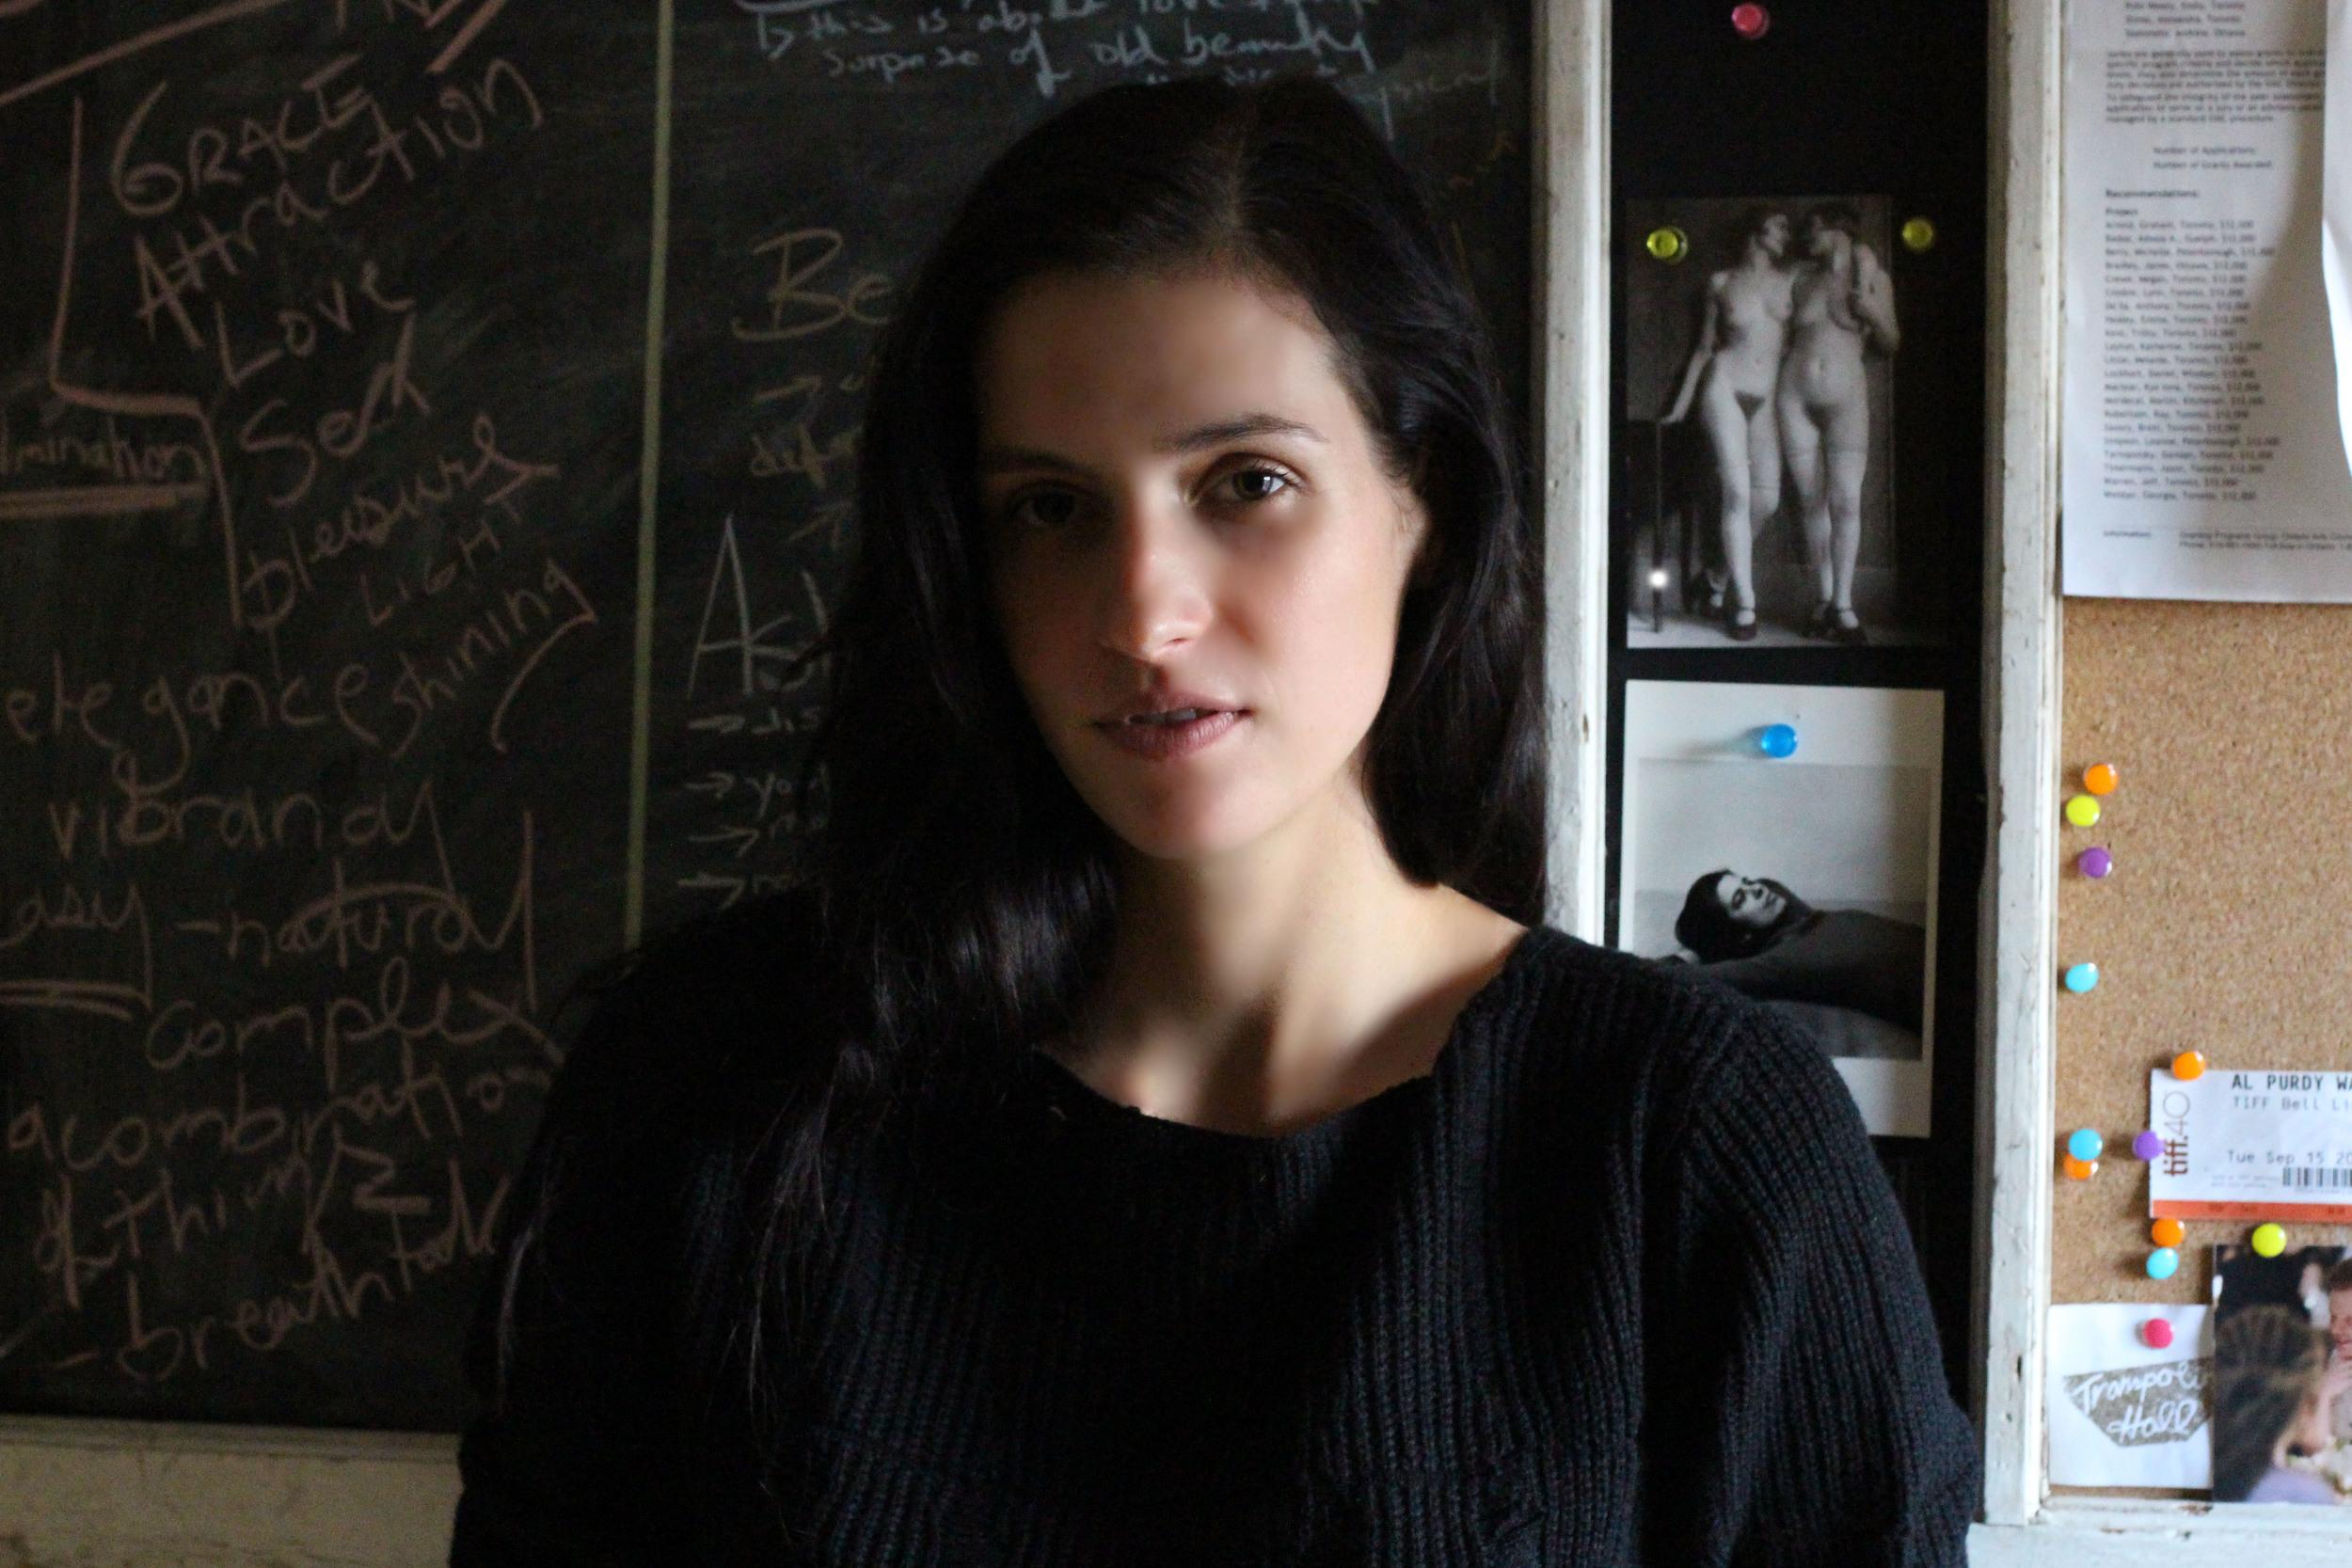 Katherine Leyton, courtesy of the author